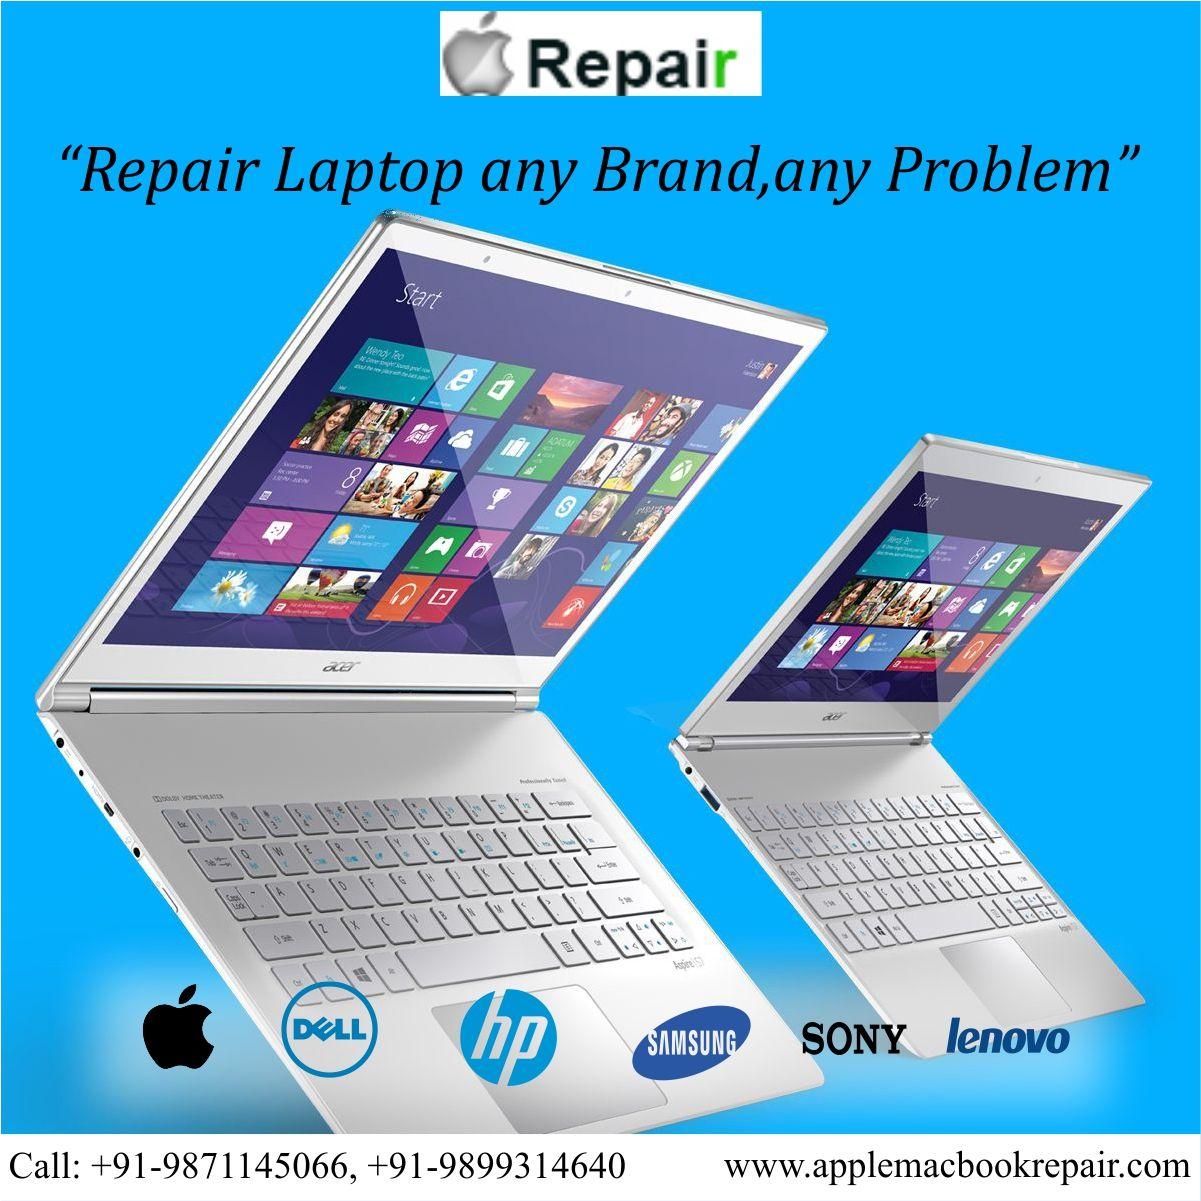 Apple MacBook Air A1466 Repair in Delhi  Mac Book Pro A1502 Retina